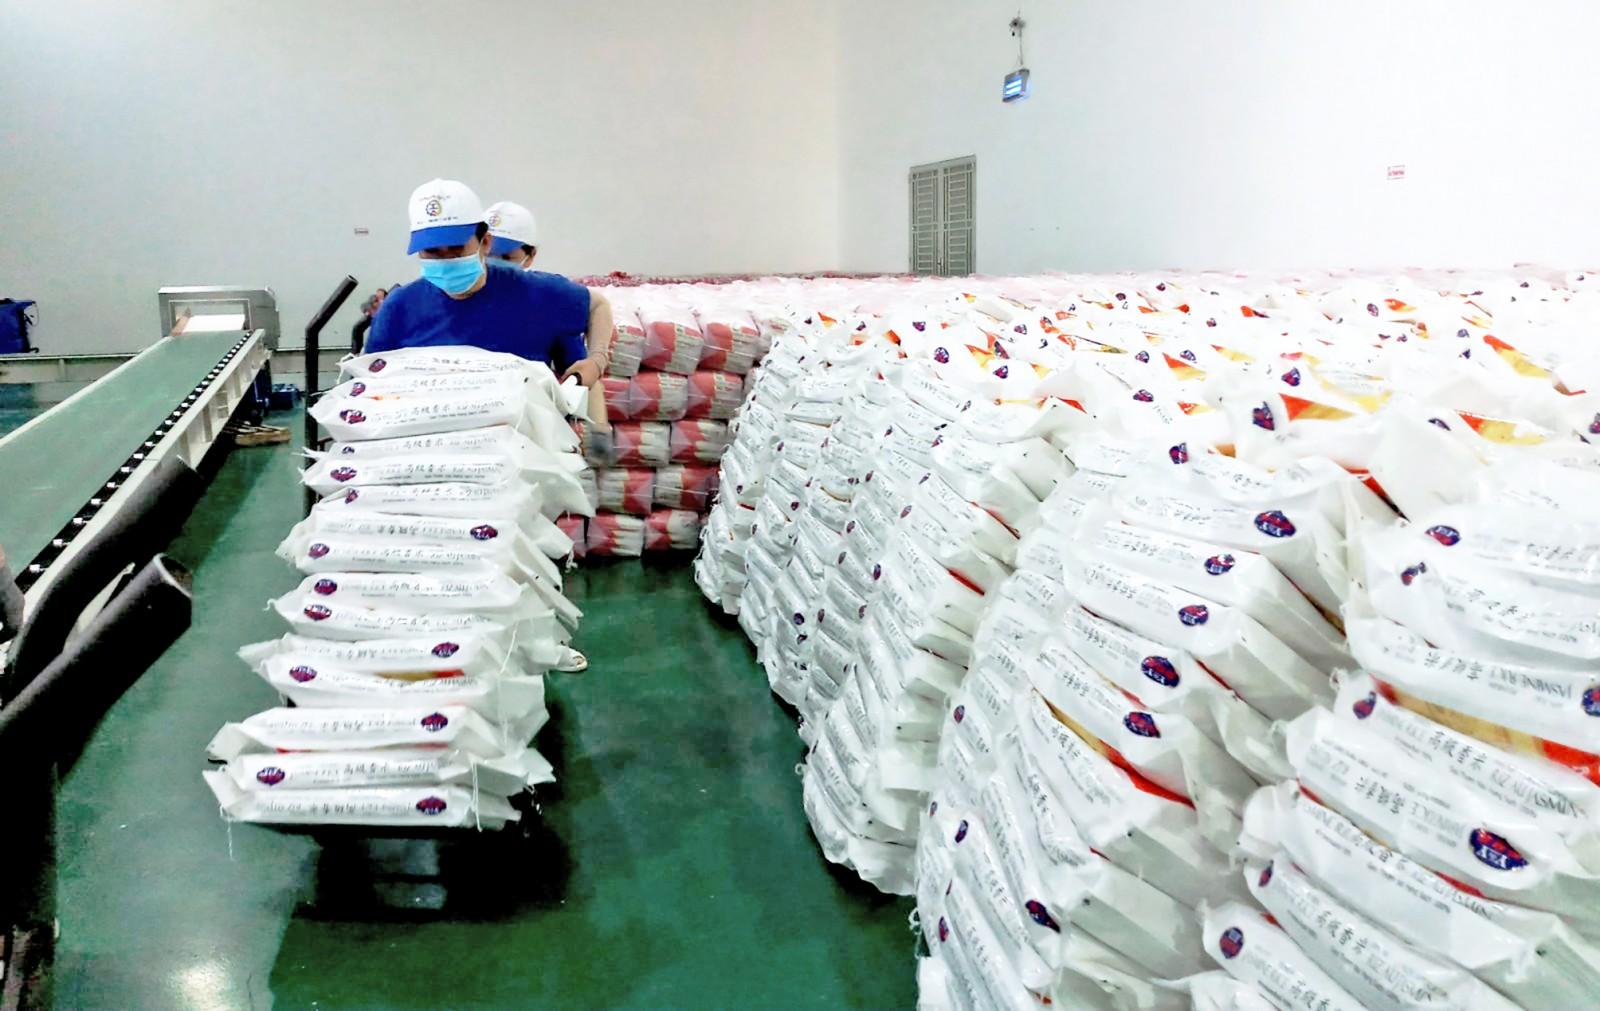 Thực hành trách nhiệm xã hội trong hoạt động sản xuất kinh doanh sẽ giúp DN nâng cao lợi thế cạnh tranh so với các đối thủ. Trong ảnh: Quy trình sản xuất gạo tại Công ty Trung An, quận Thốt Nốt. Ảnh: MỸ THANH